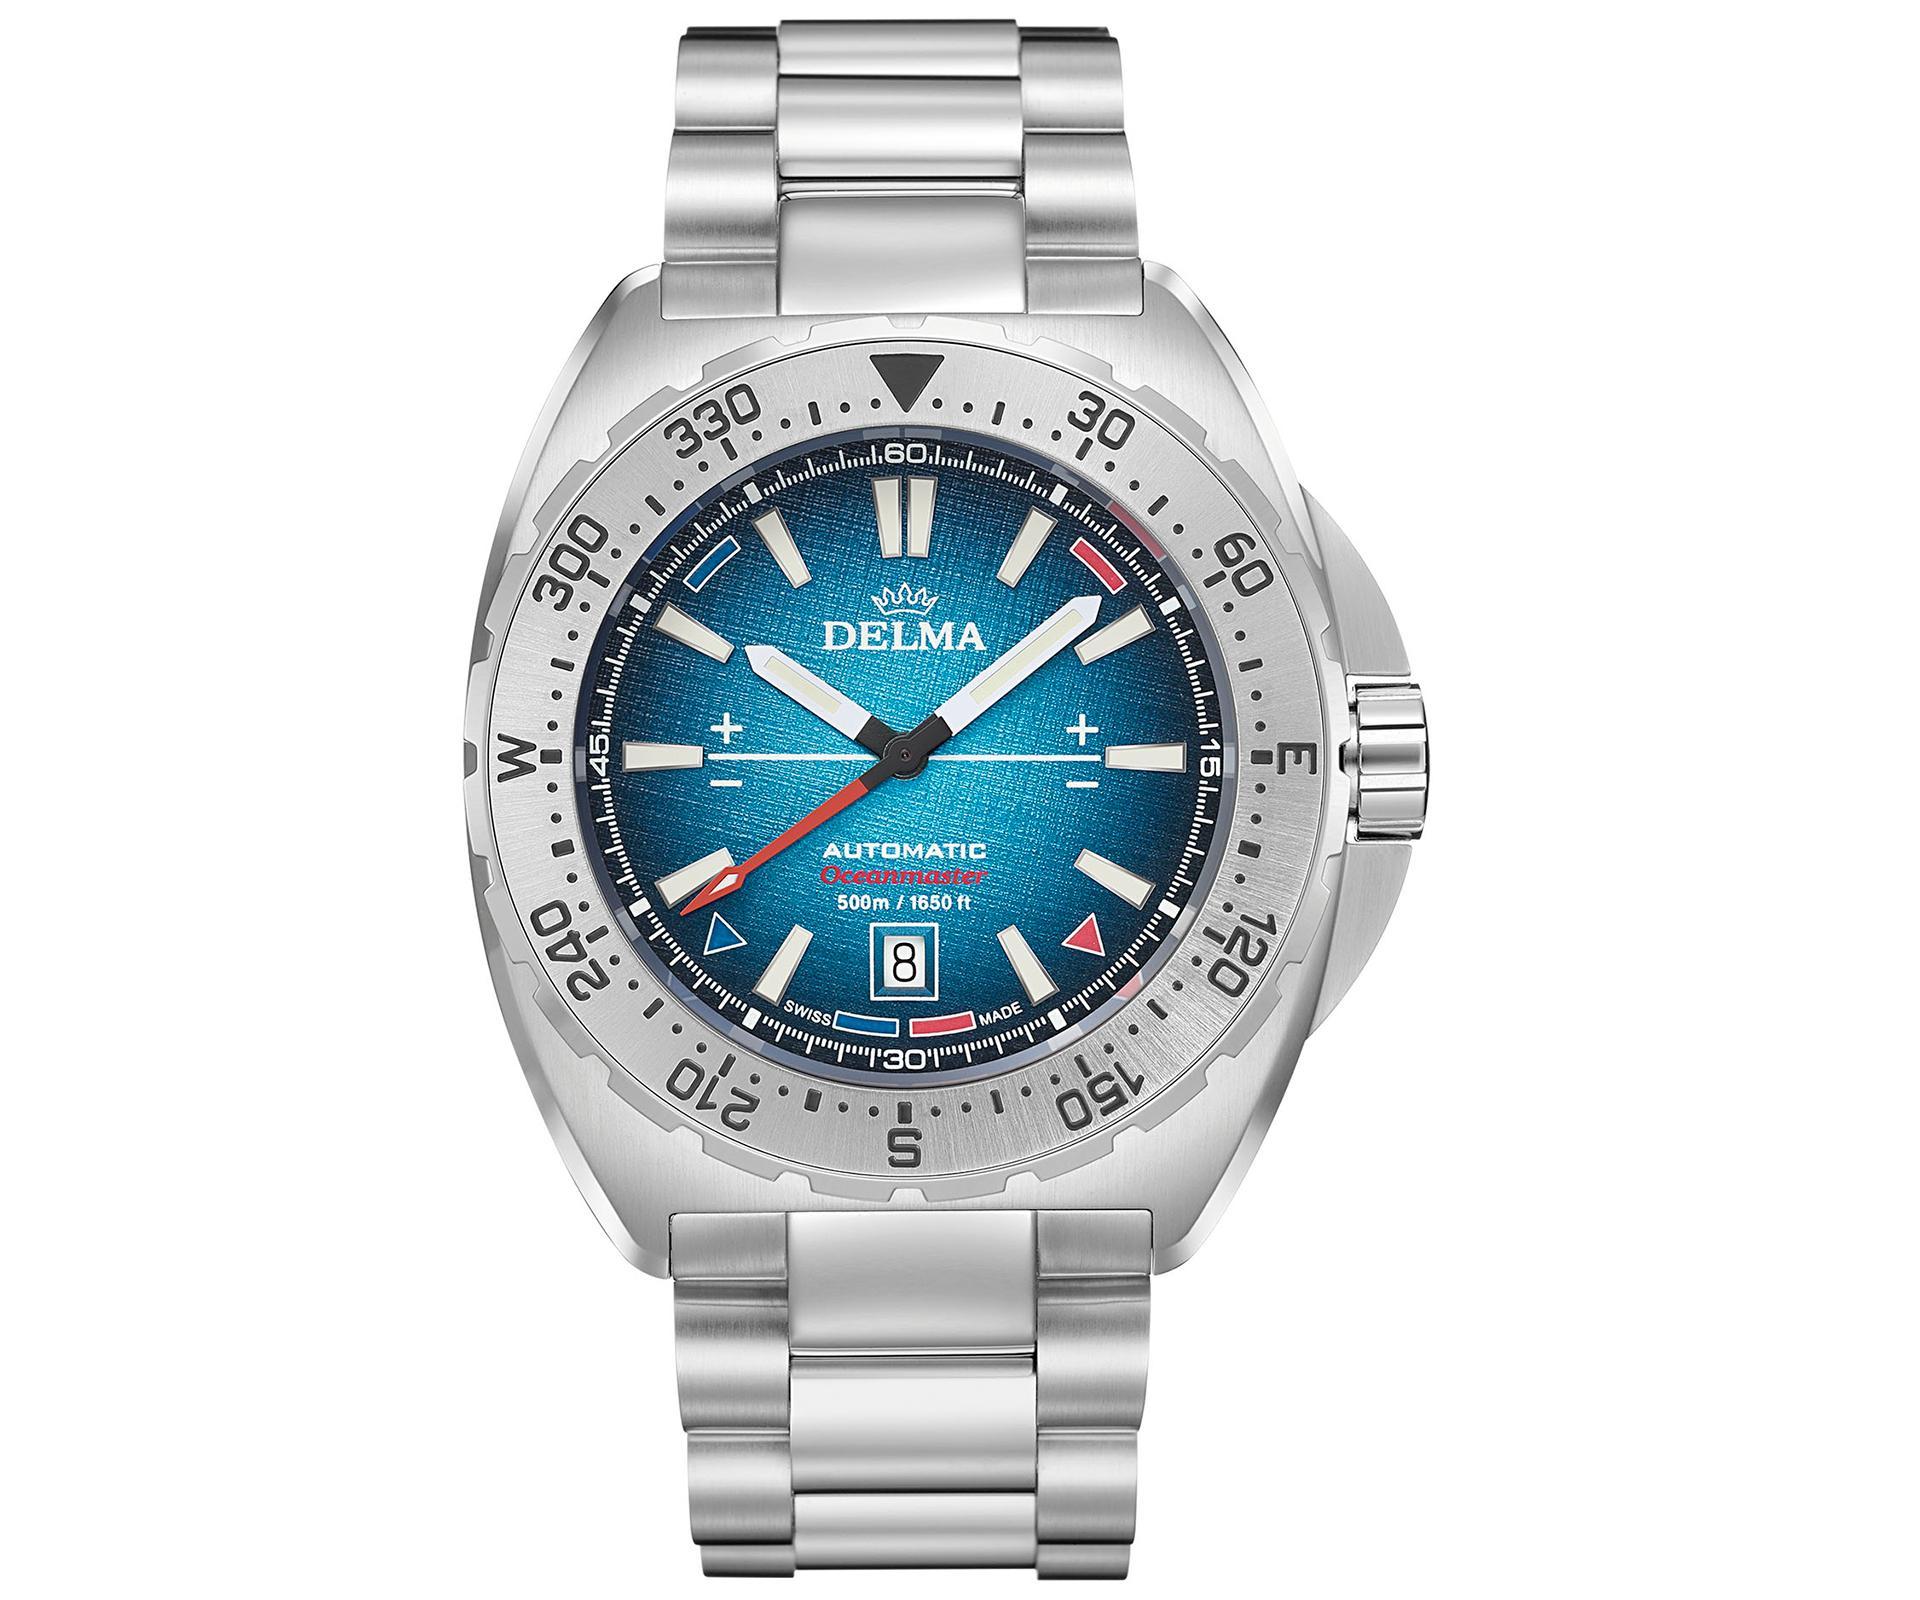 Delma Oceanmaster Antarctica dive watch